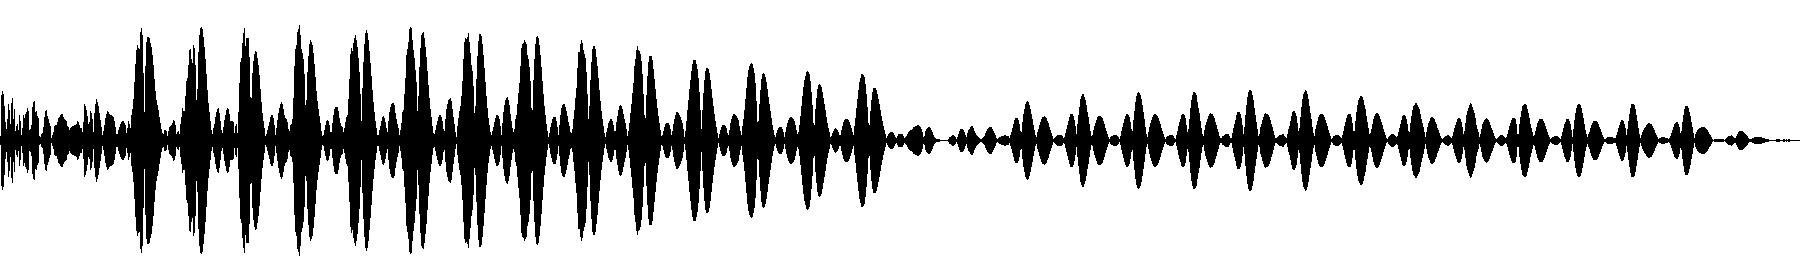 gia sound 01 c2